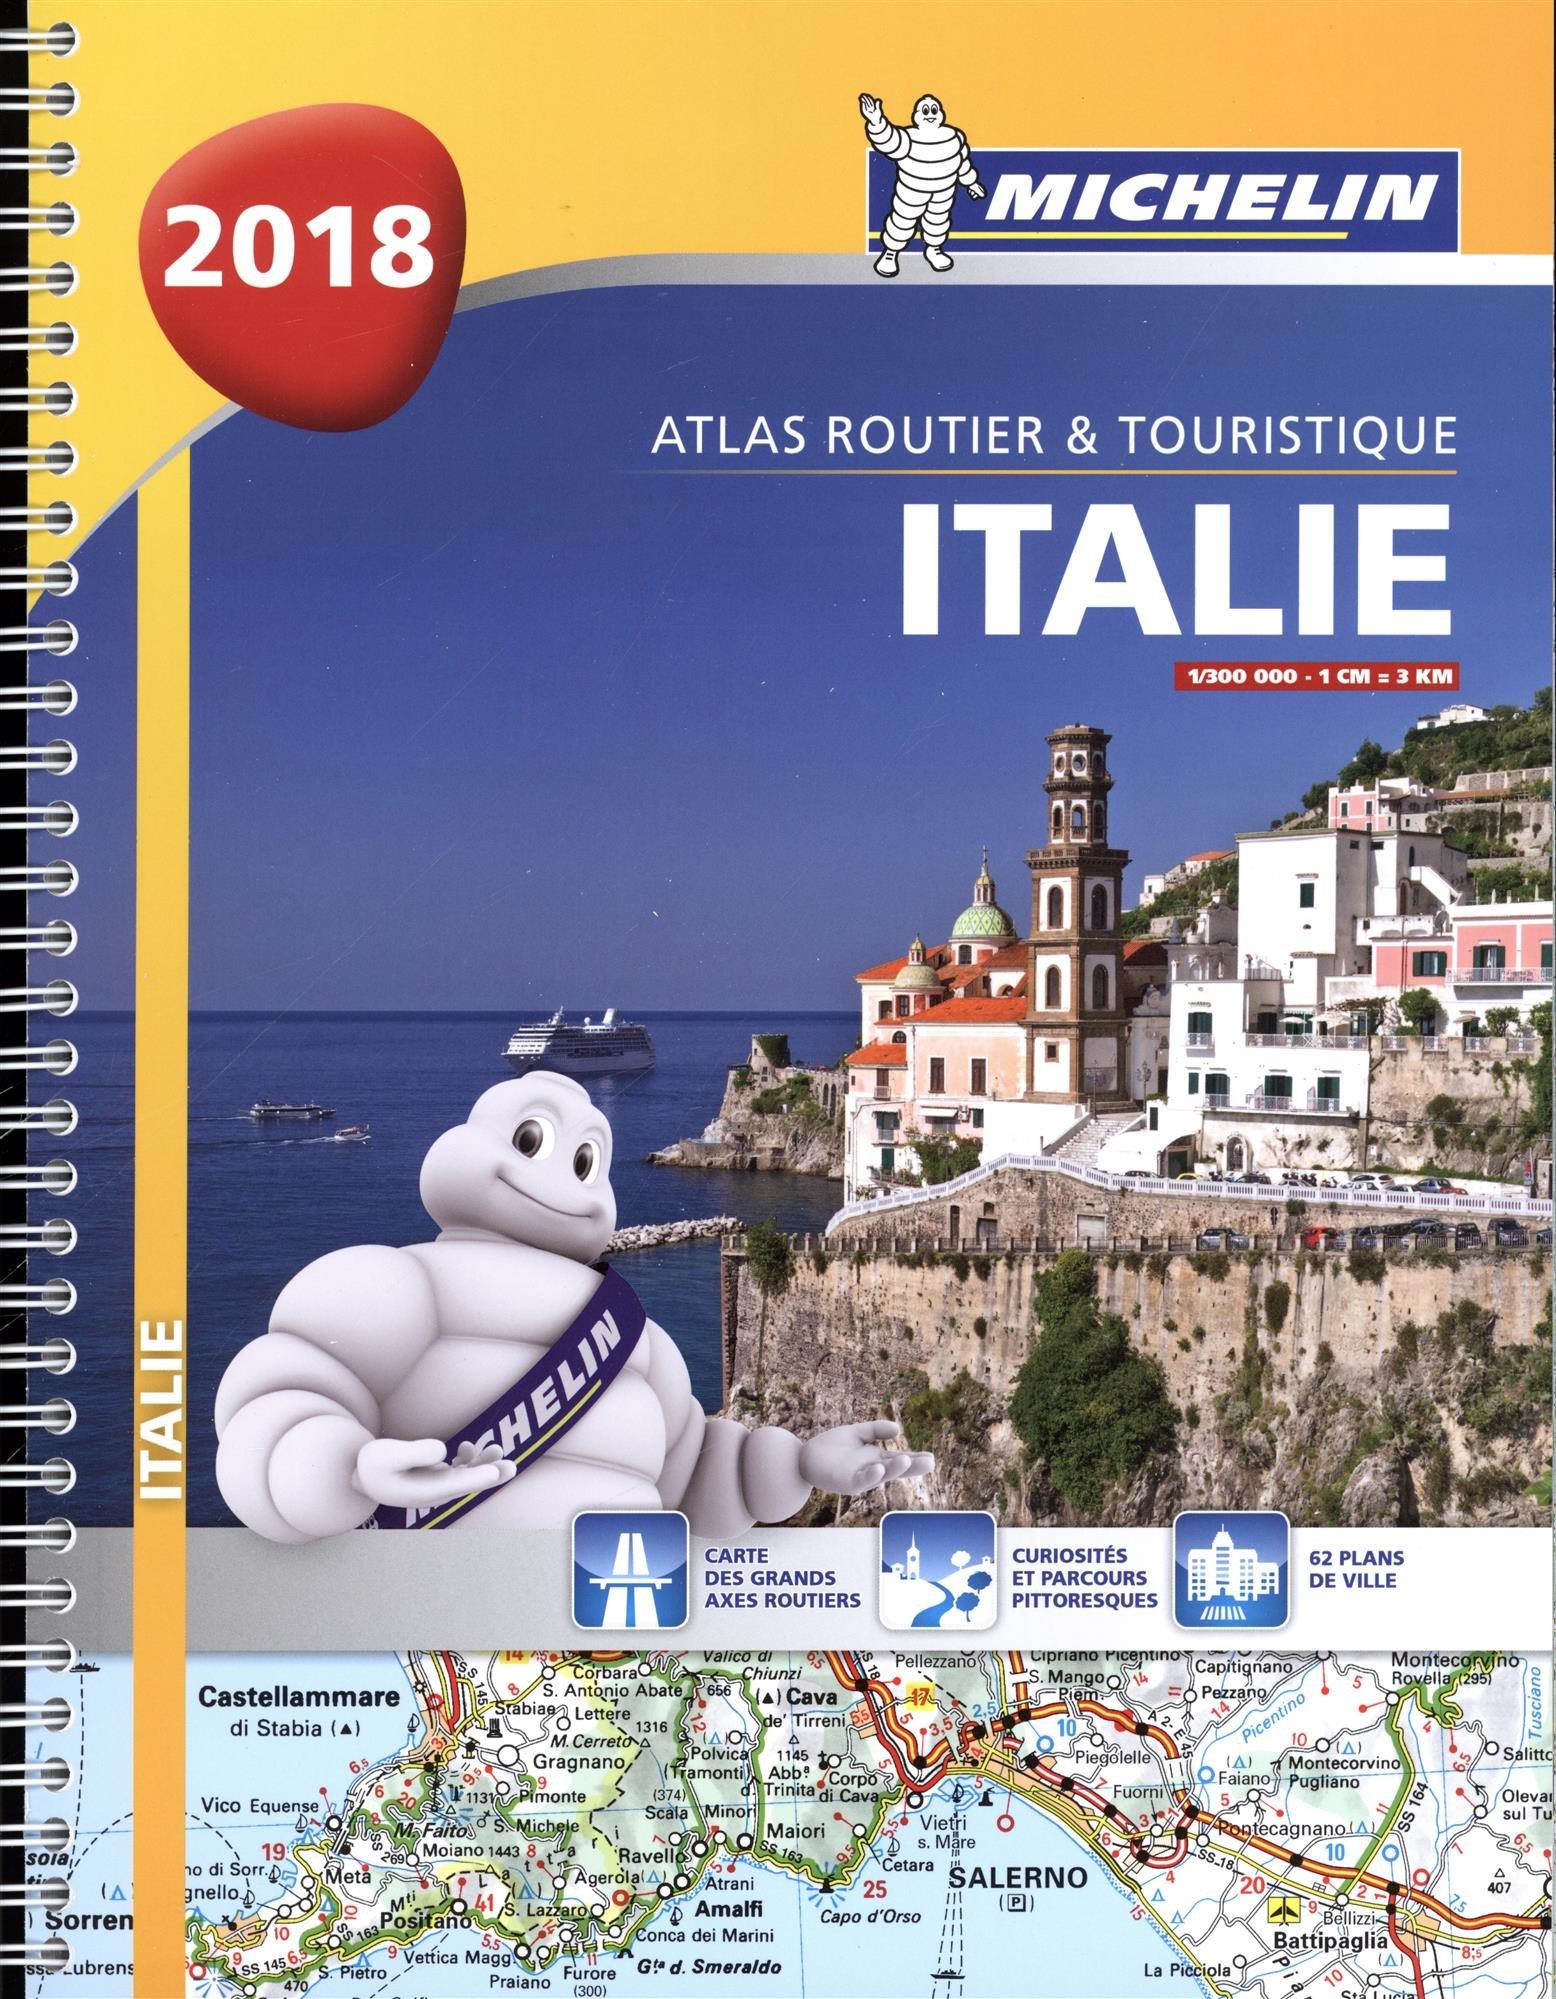 Atlas Routier et Touristique Italie 2018 Michelin Relié – 1 janvier 2018 2067227777 Atlas routiers